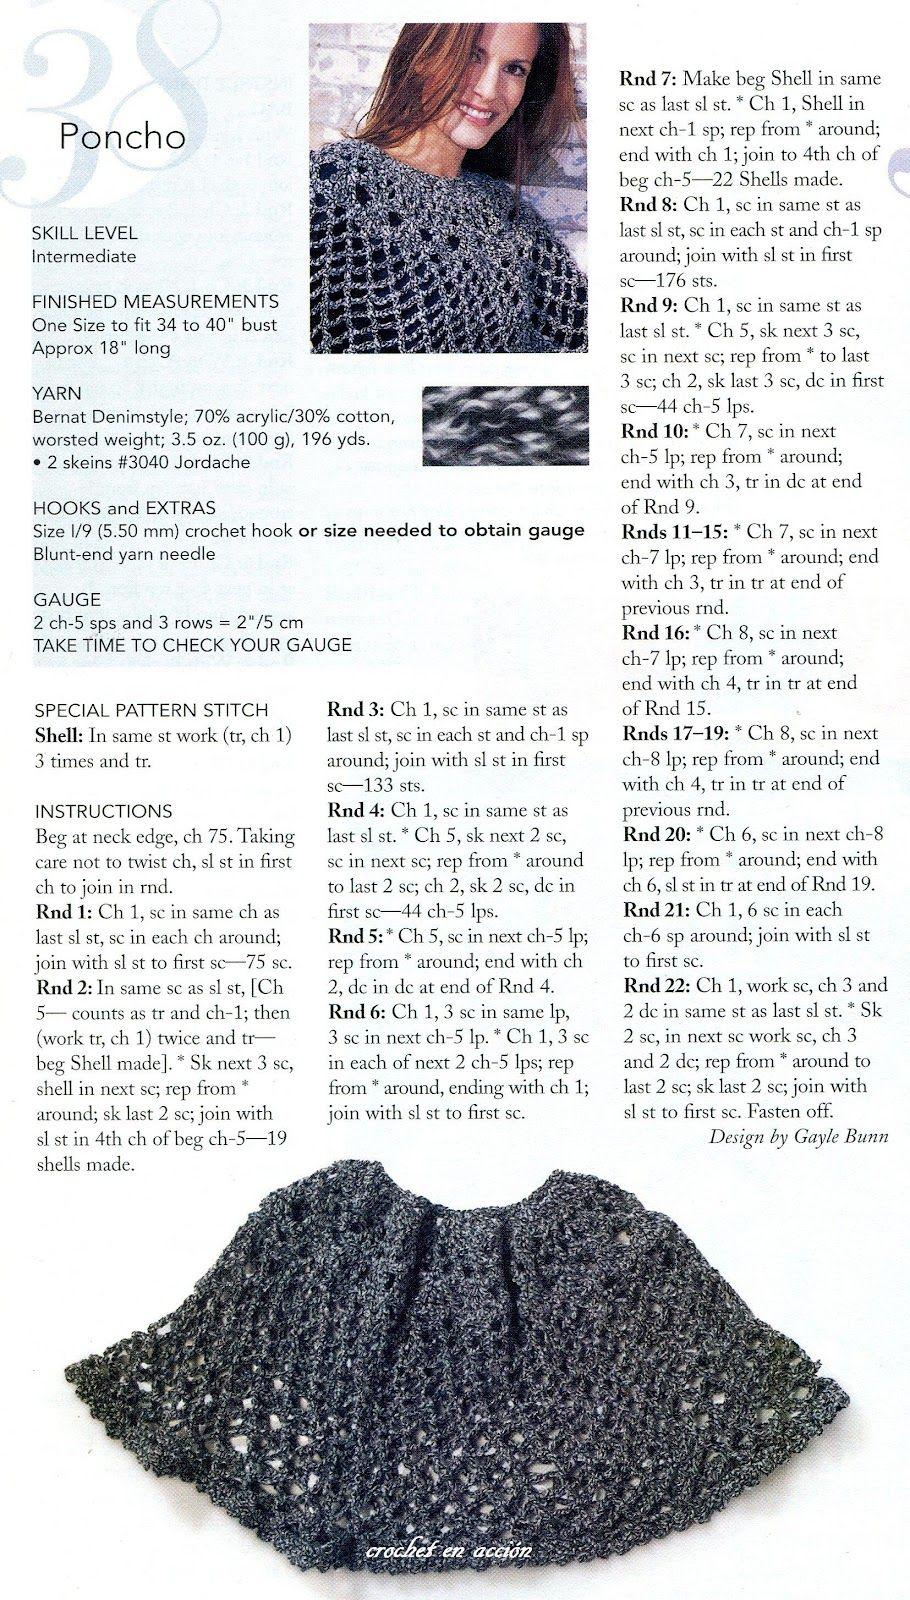 Pin de Mayte Valdes en crochet | Pinterest | Cariñositos, Mi querido ...